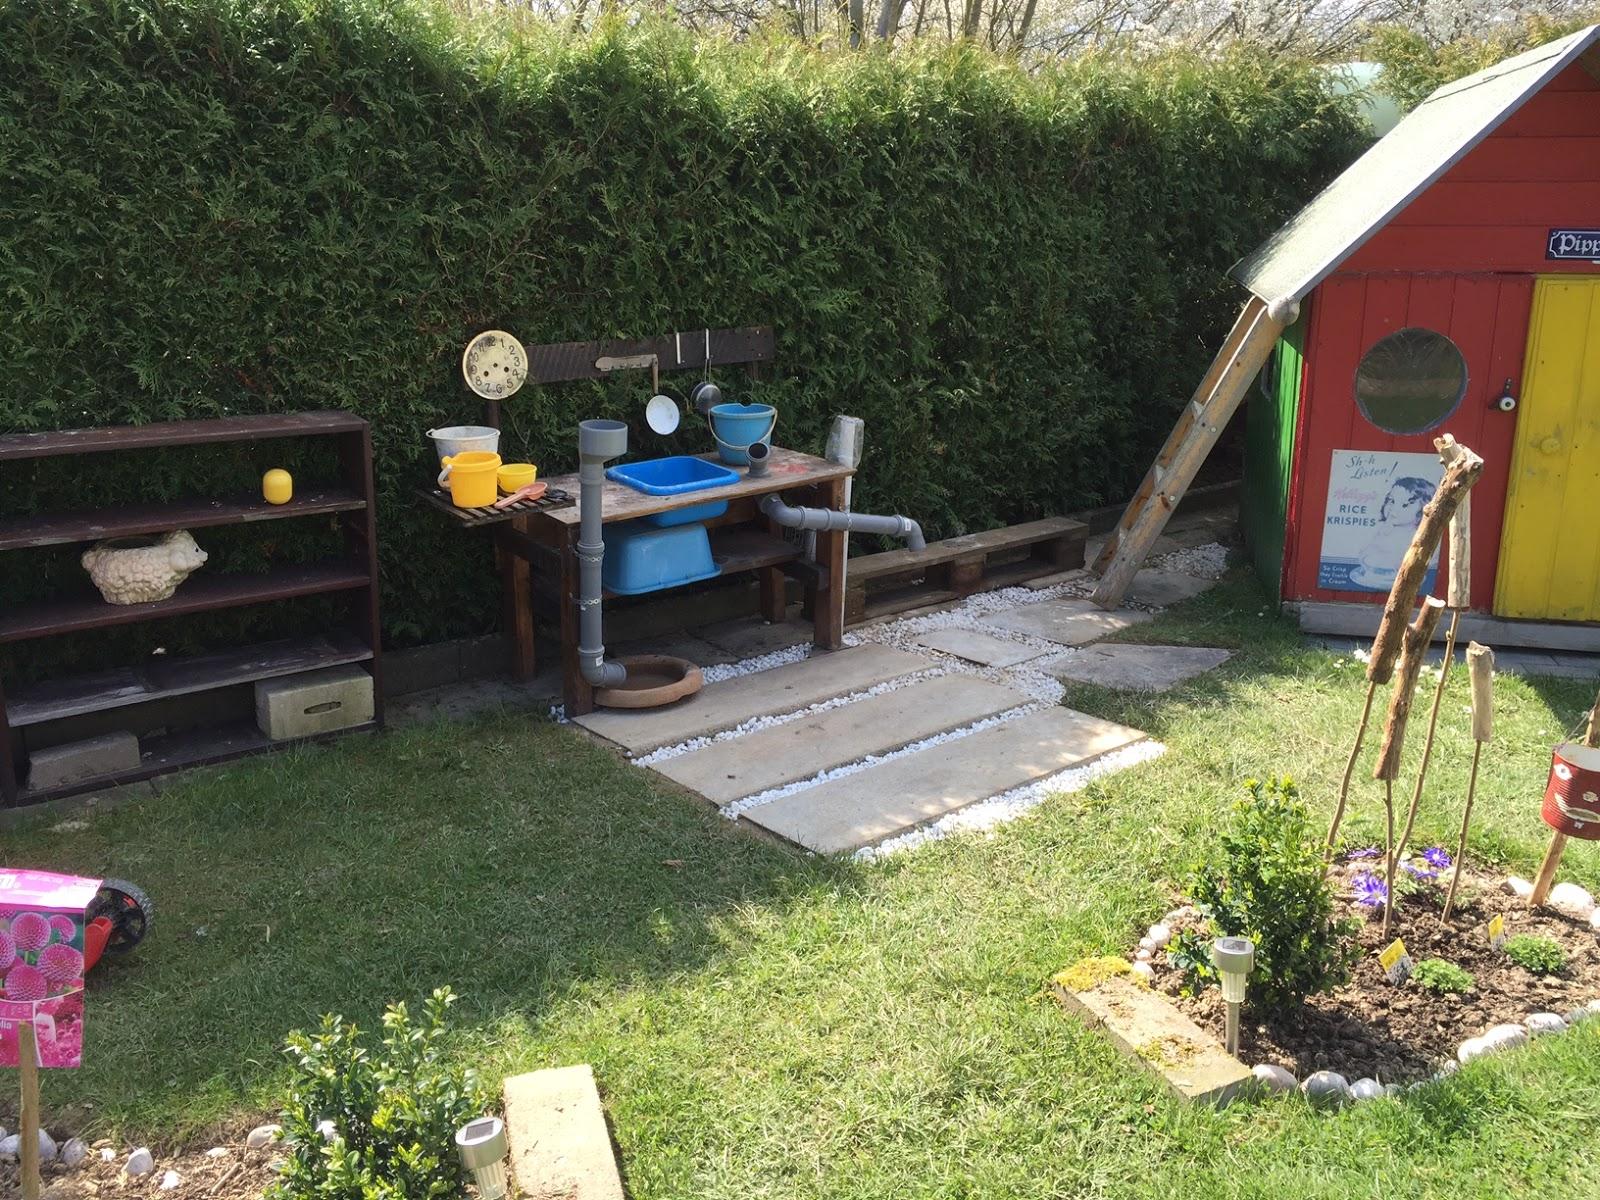 Schön Garten Ideen Kinder Schema